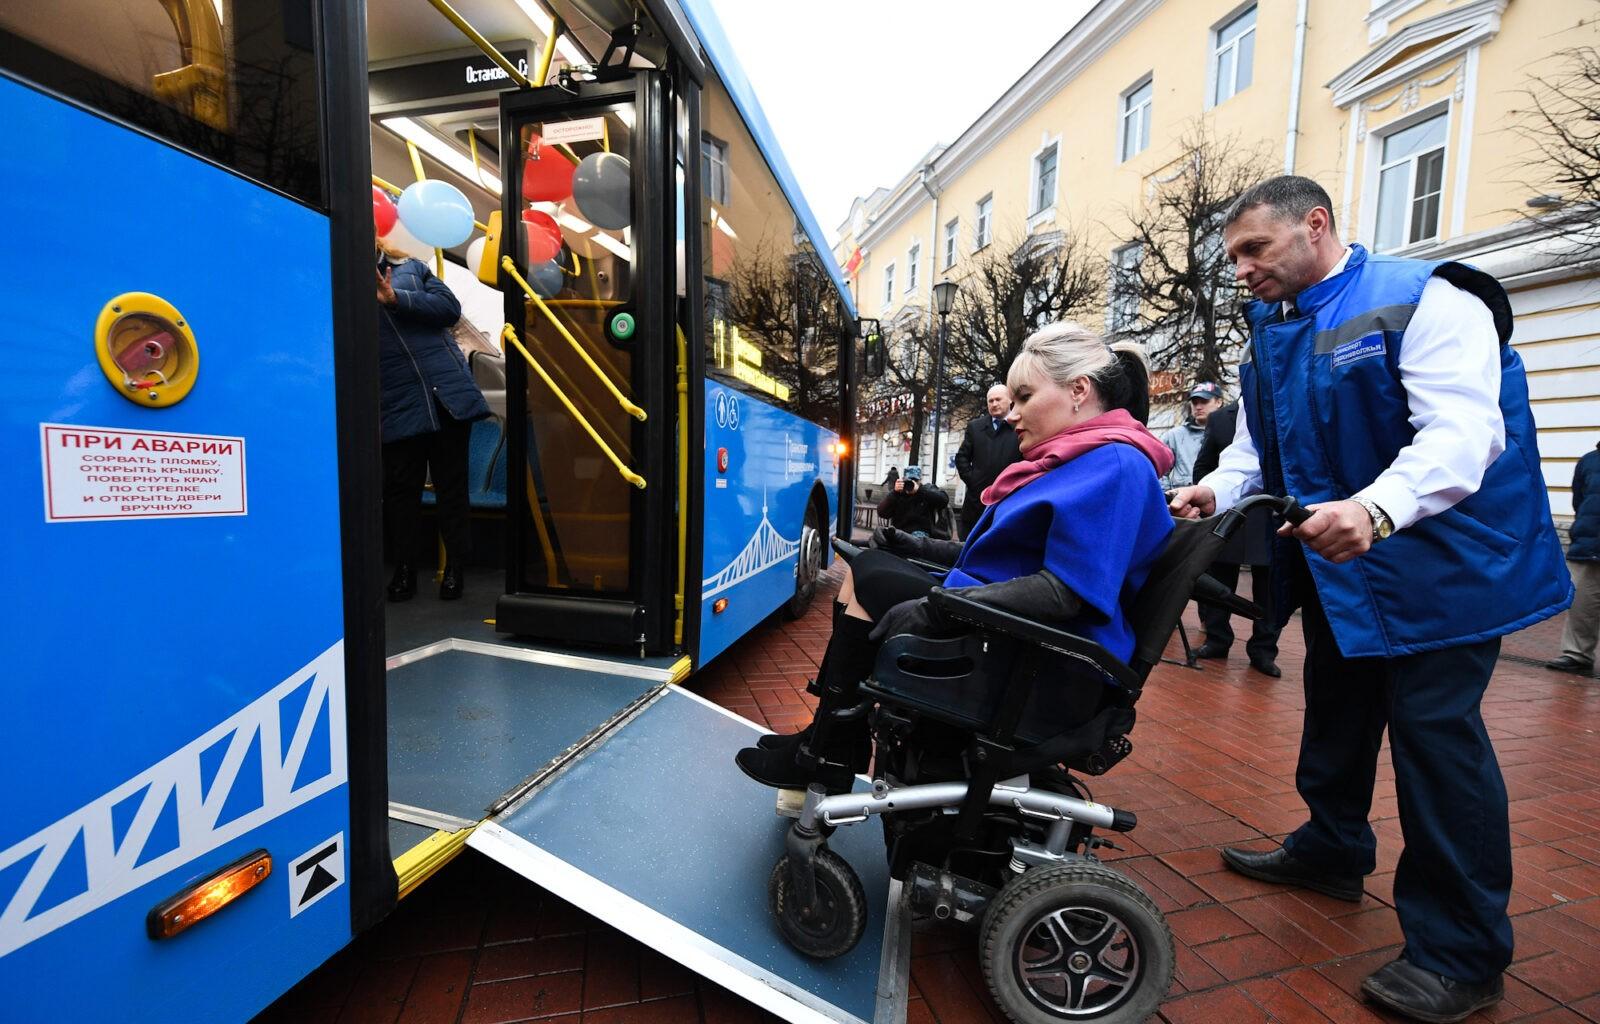 Специальный новогодний автобус будет курсировать по Твери